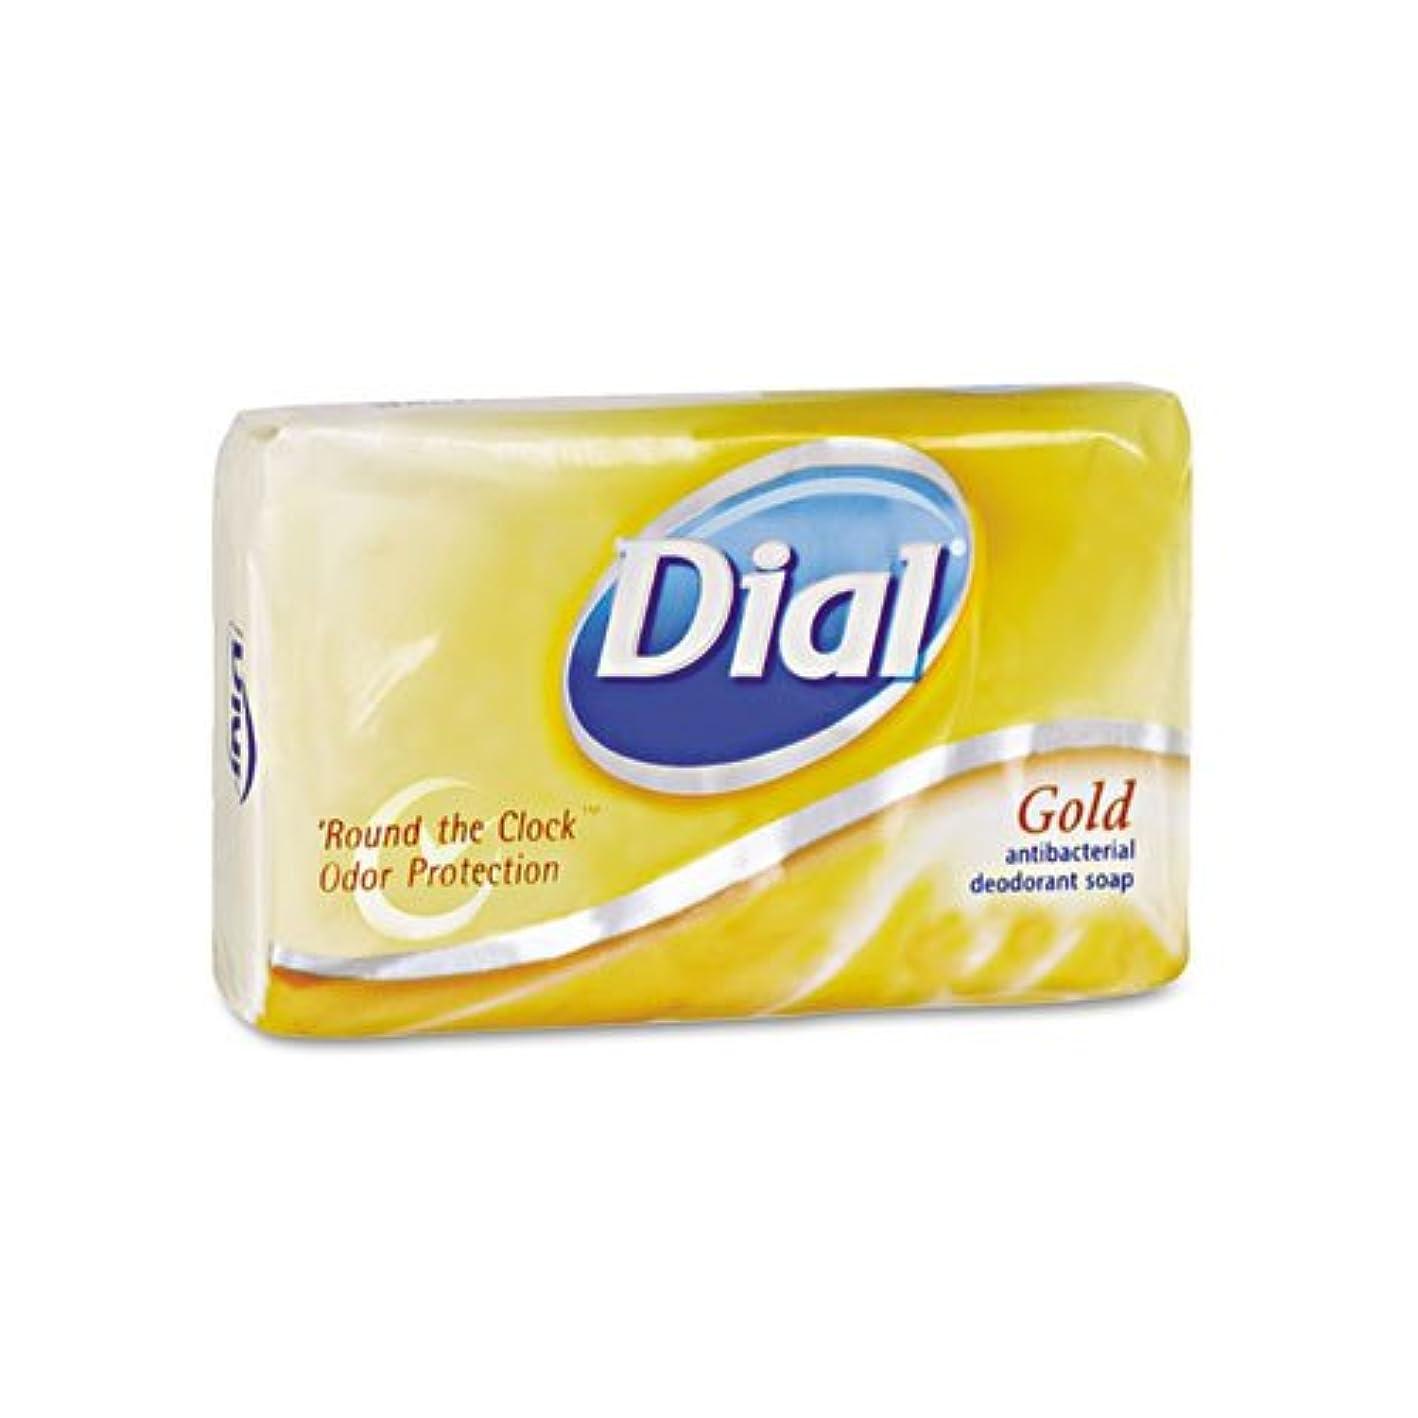 スポーツをする奴隷困難ダイヤル& # xFFFD ;抗菌Deodorant Bar Soap、個別包装、ゴールド、4オンス